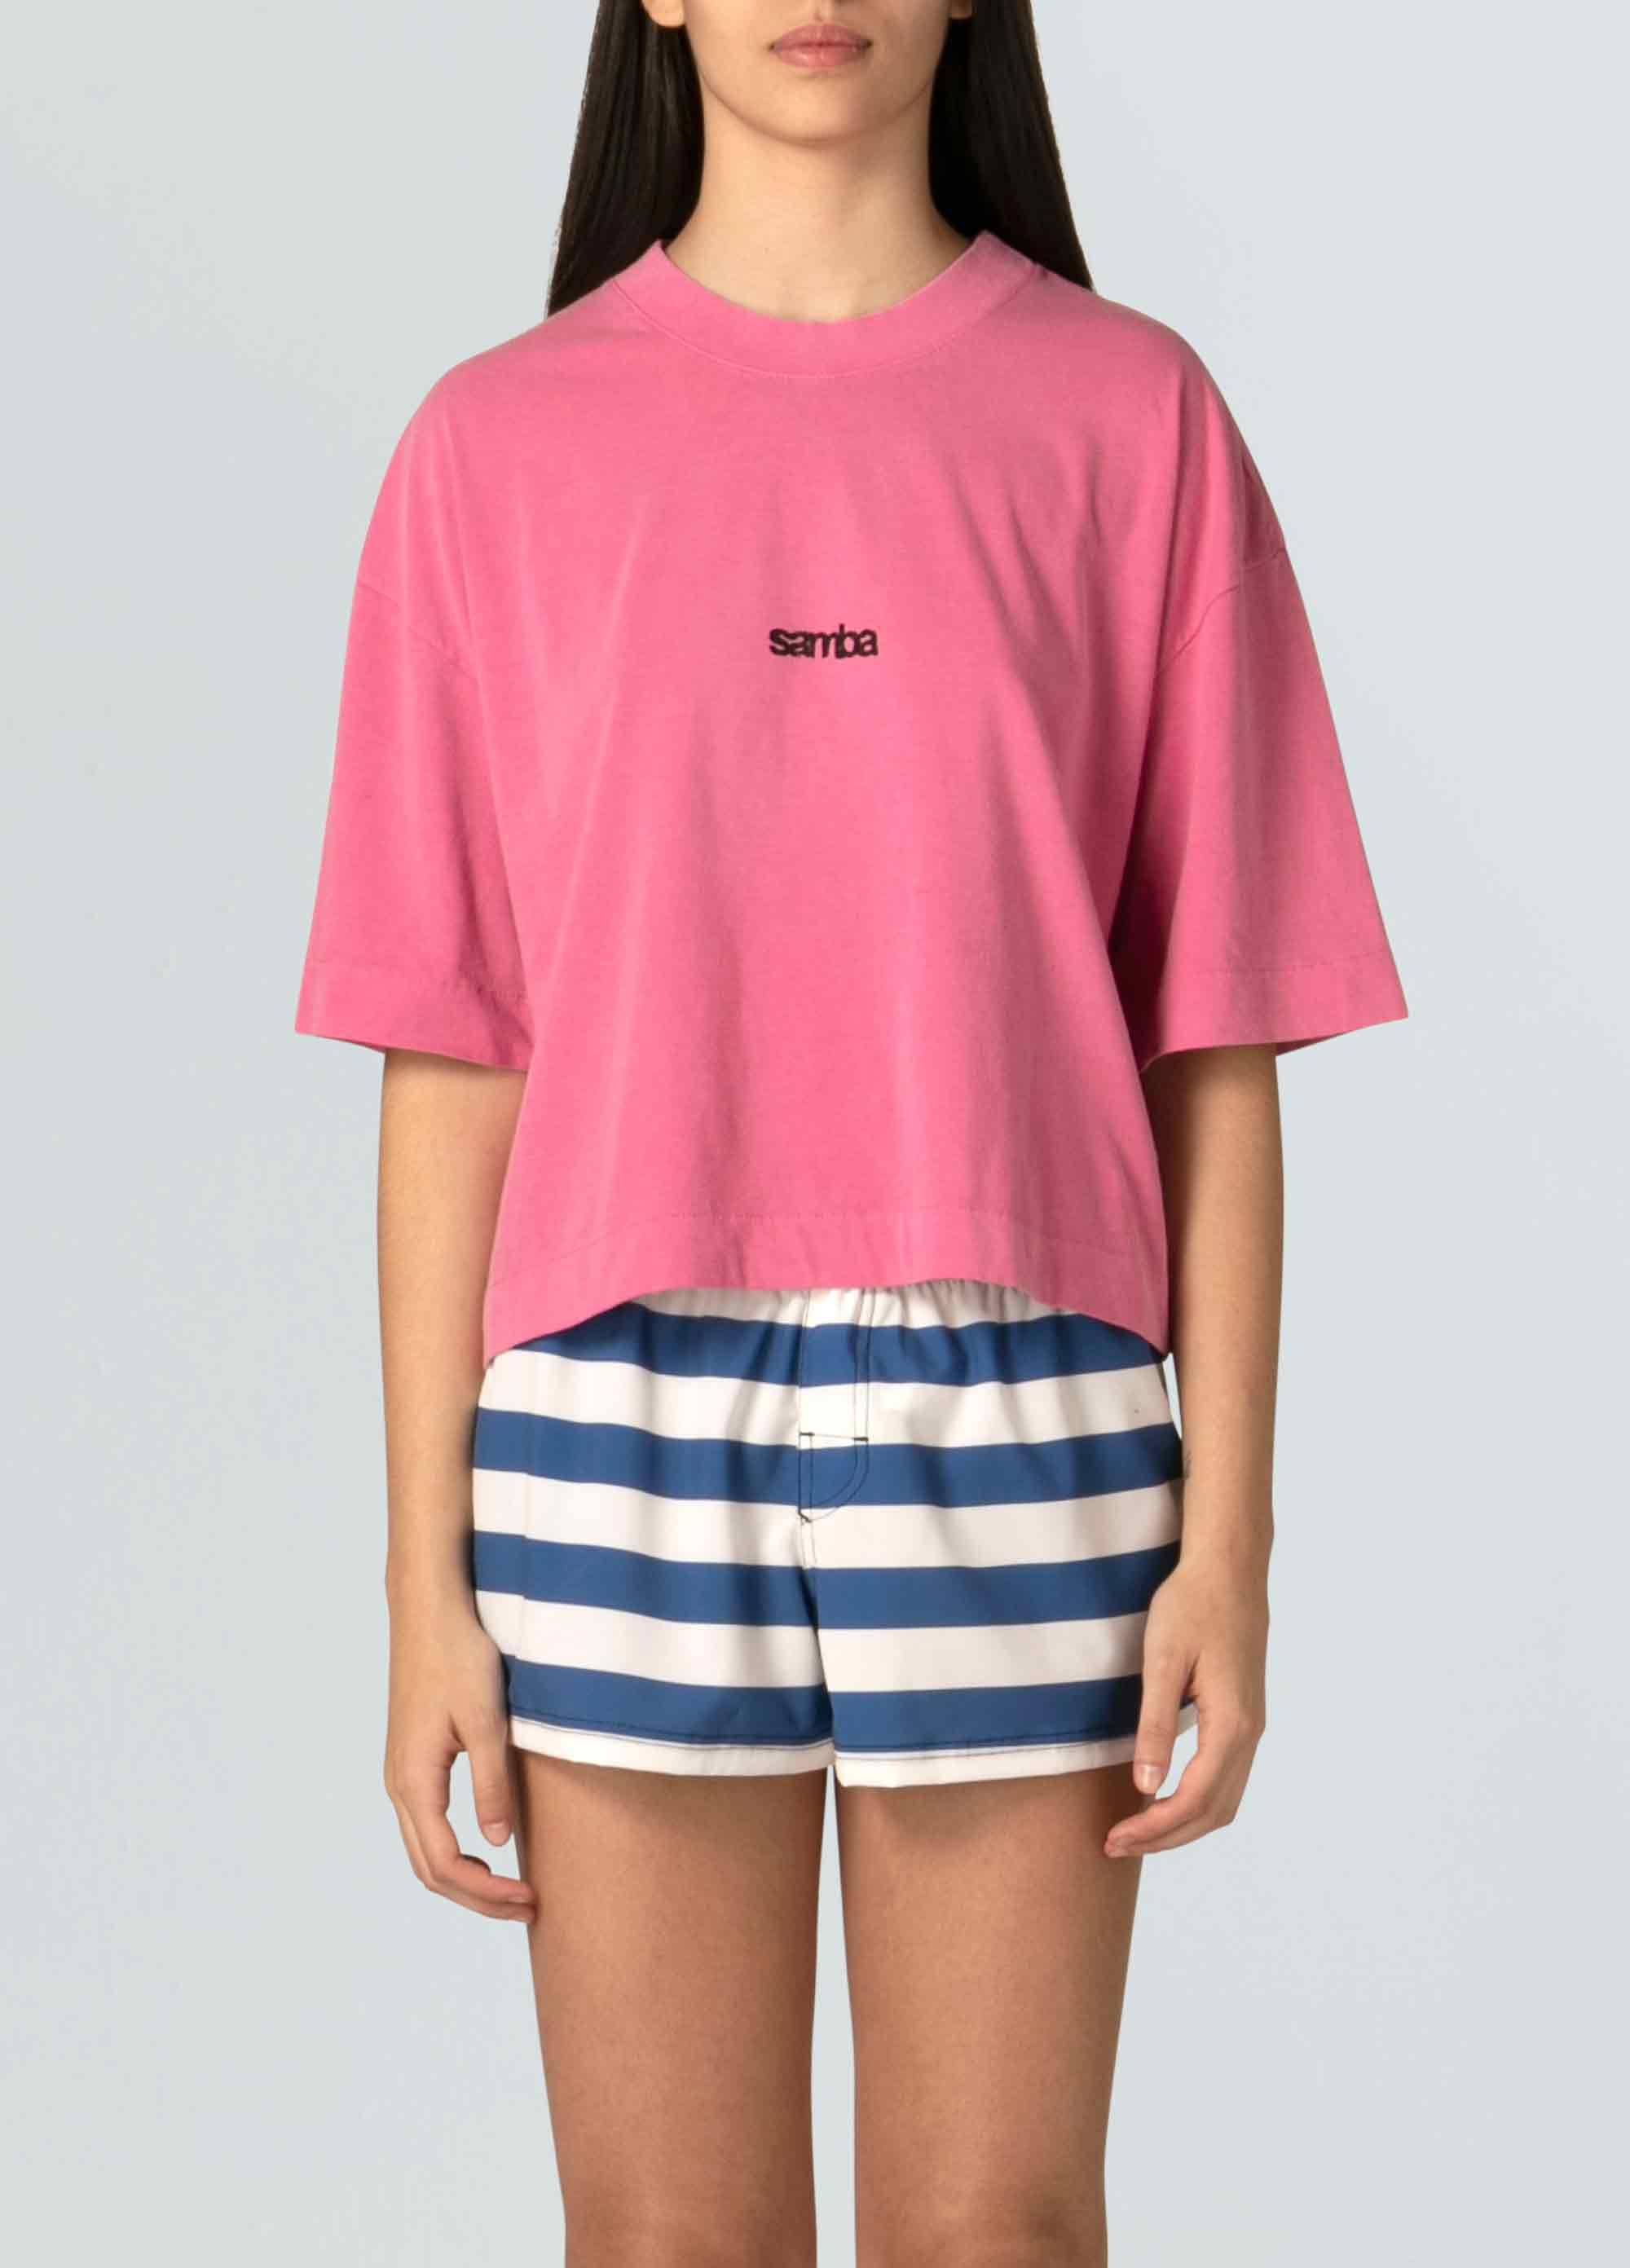 moda1